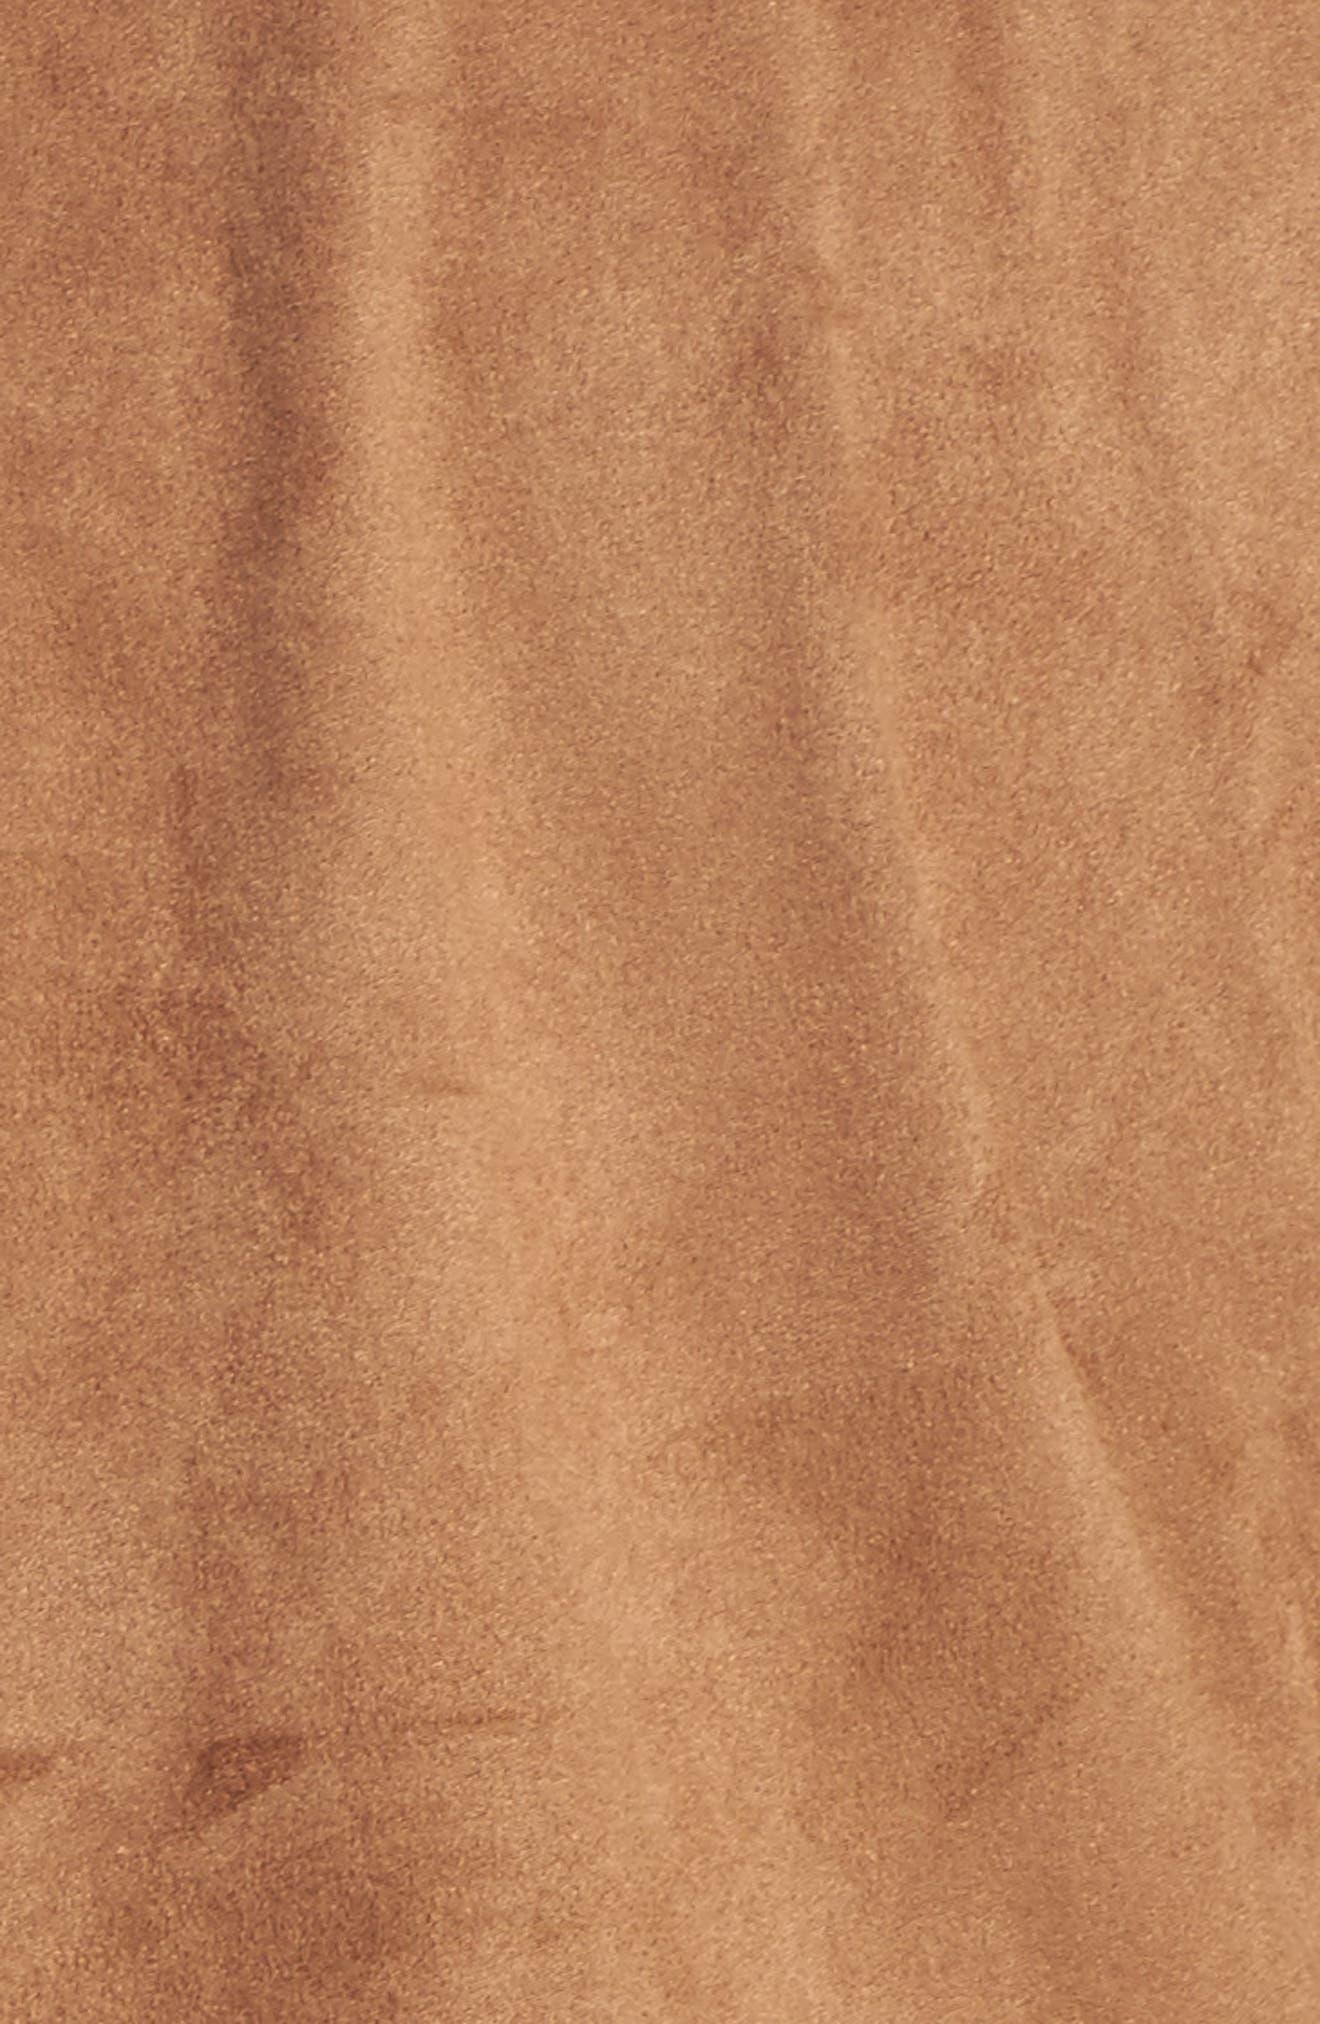 Jena Faux Suede Shirt,                             Alternate thumbnail 5, color,                             CAMEL